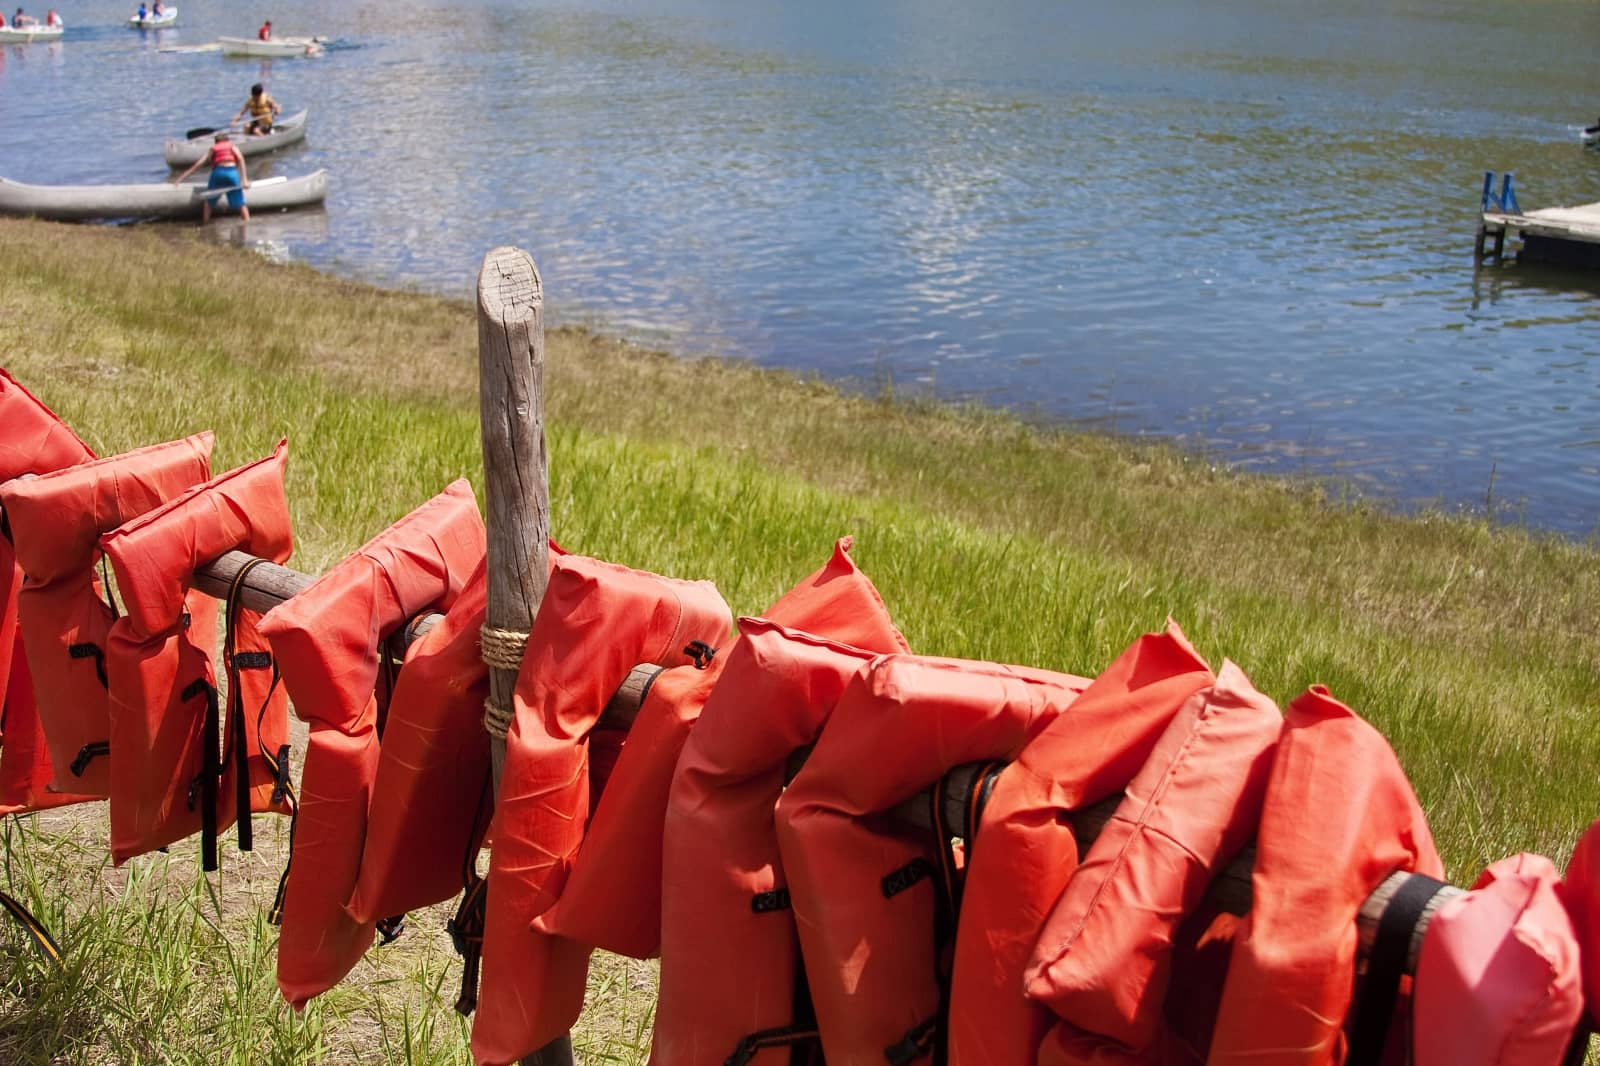 camp lifejackets